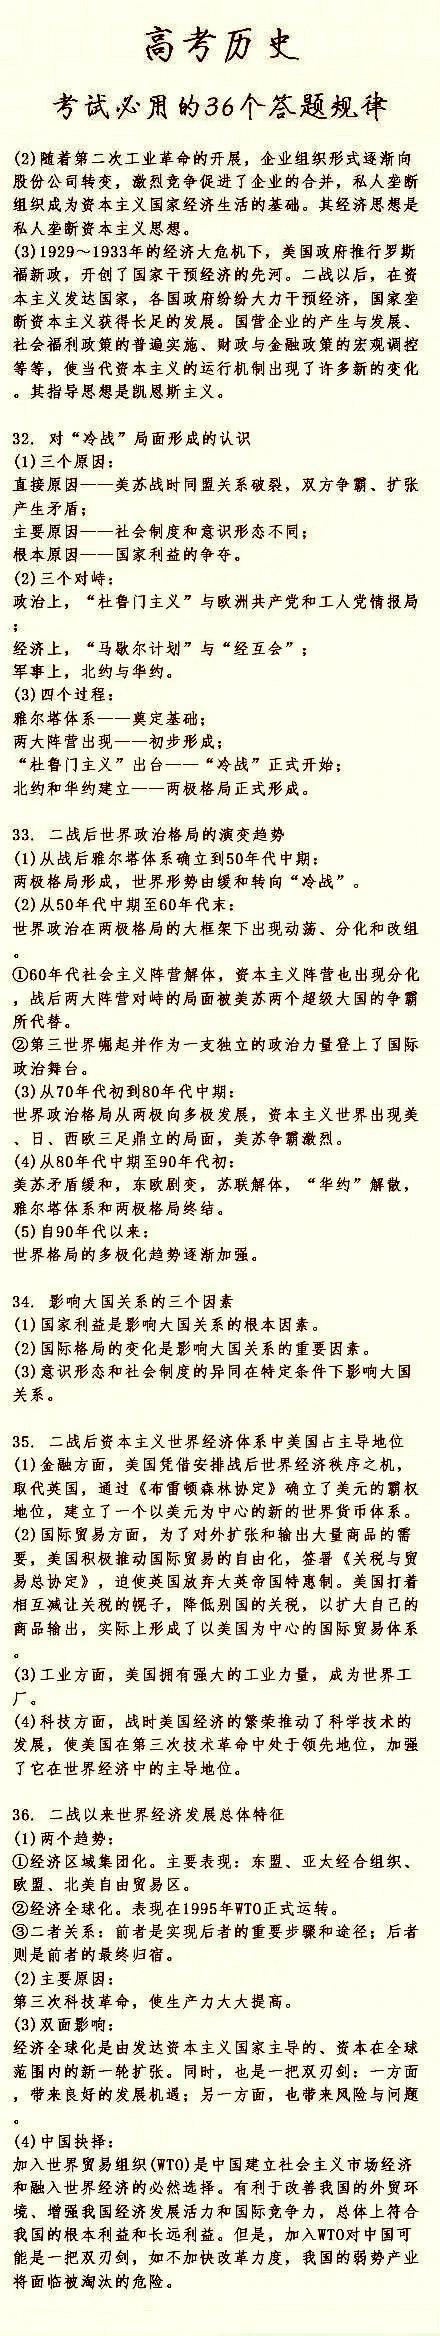 历史老师豪言:高考必考的36个知识点,掌握好助你考试多拿20分!